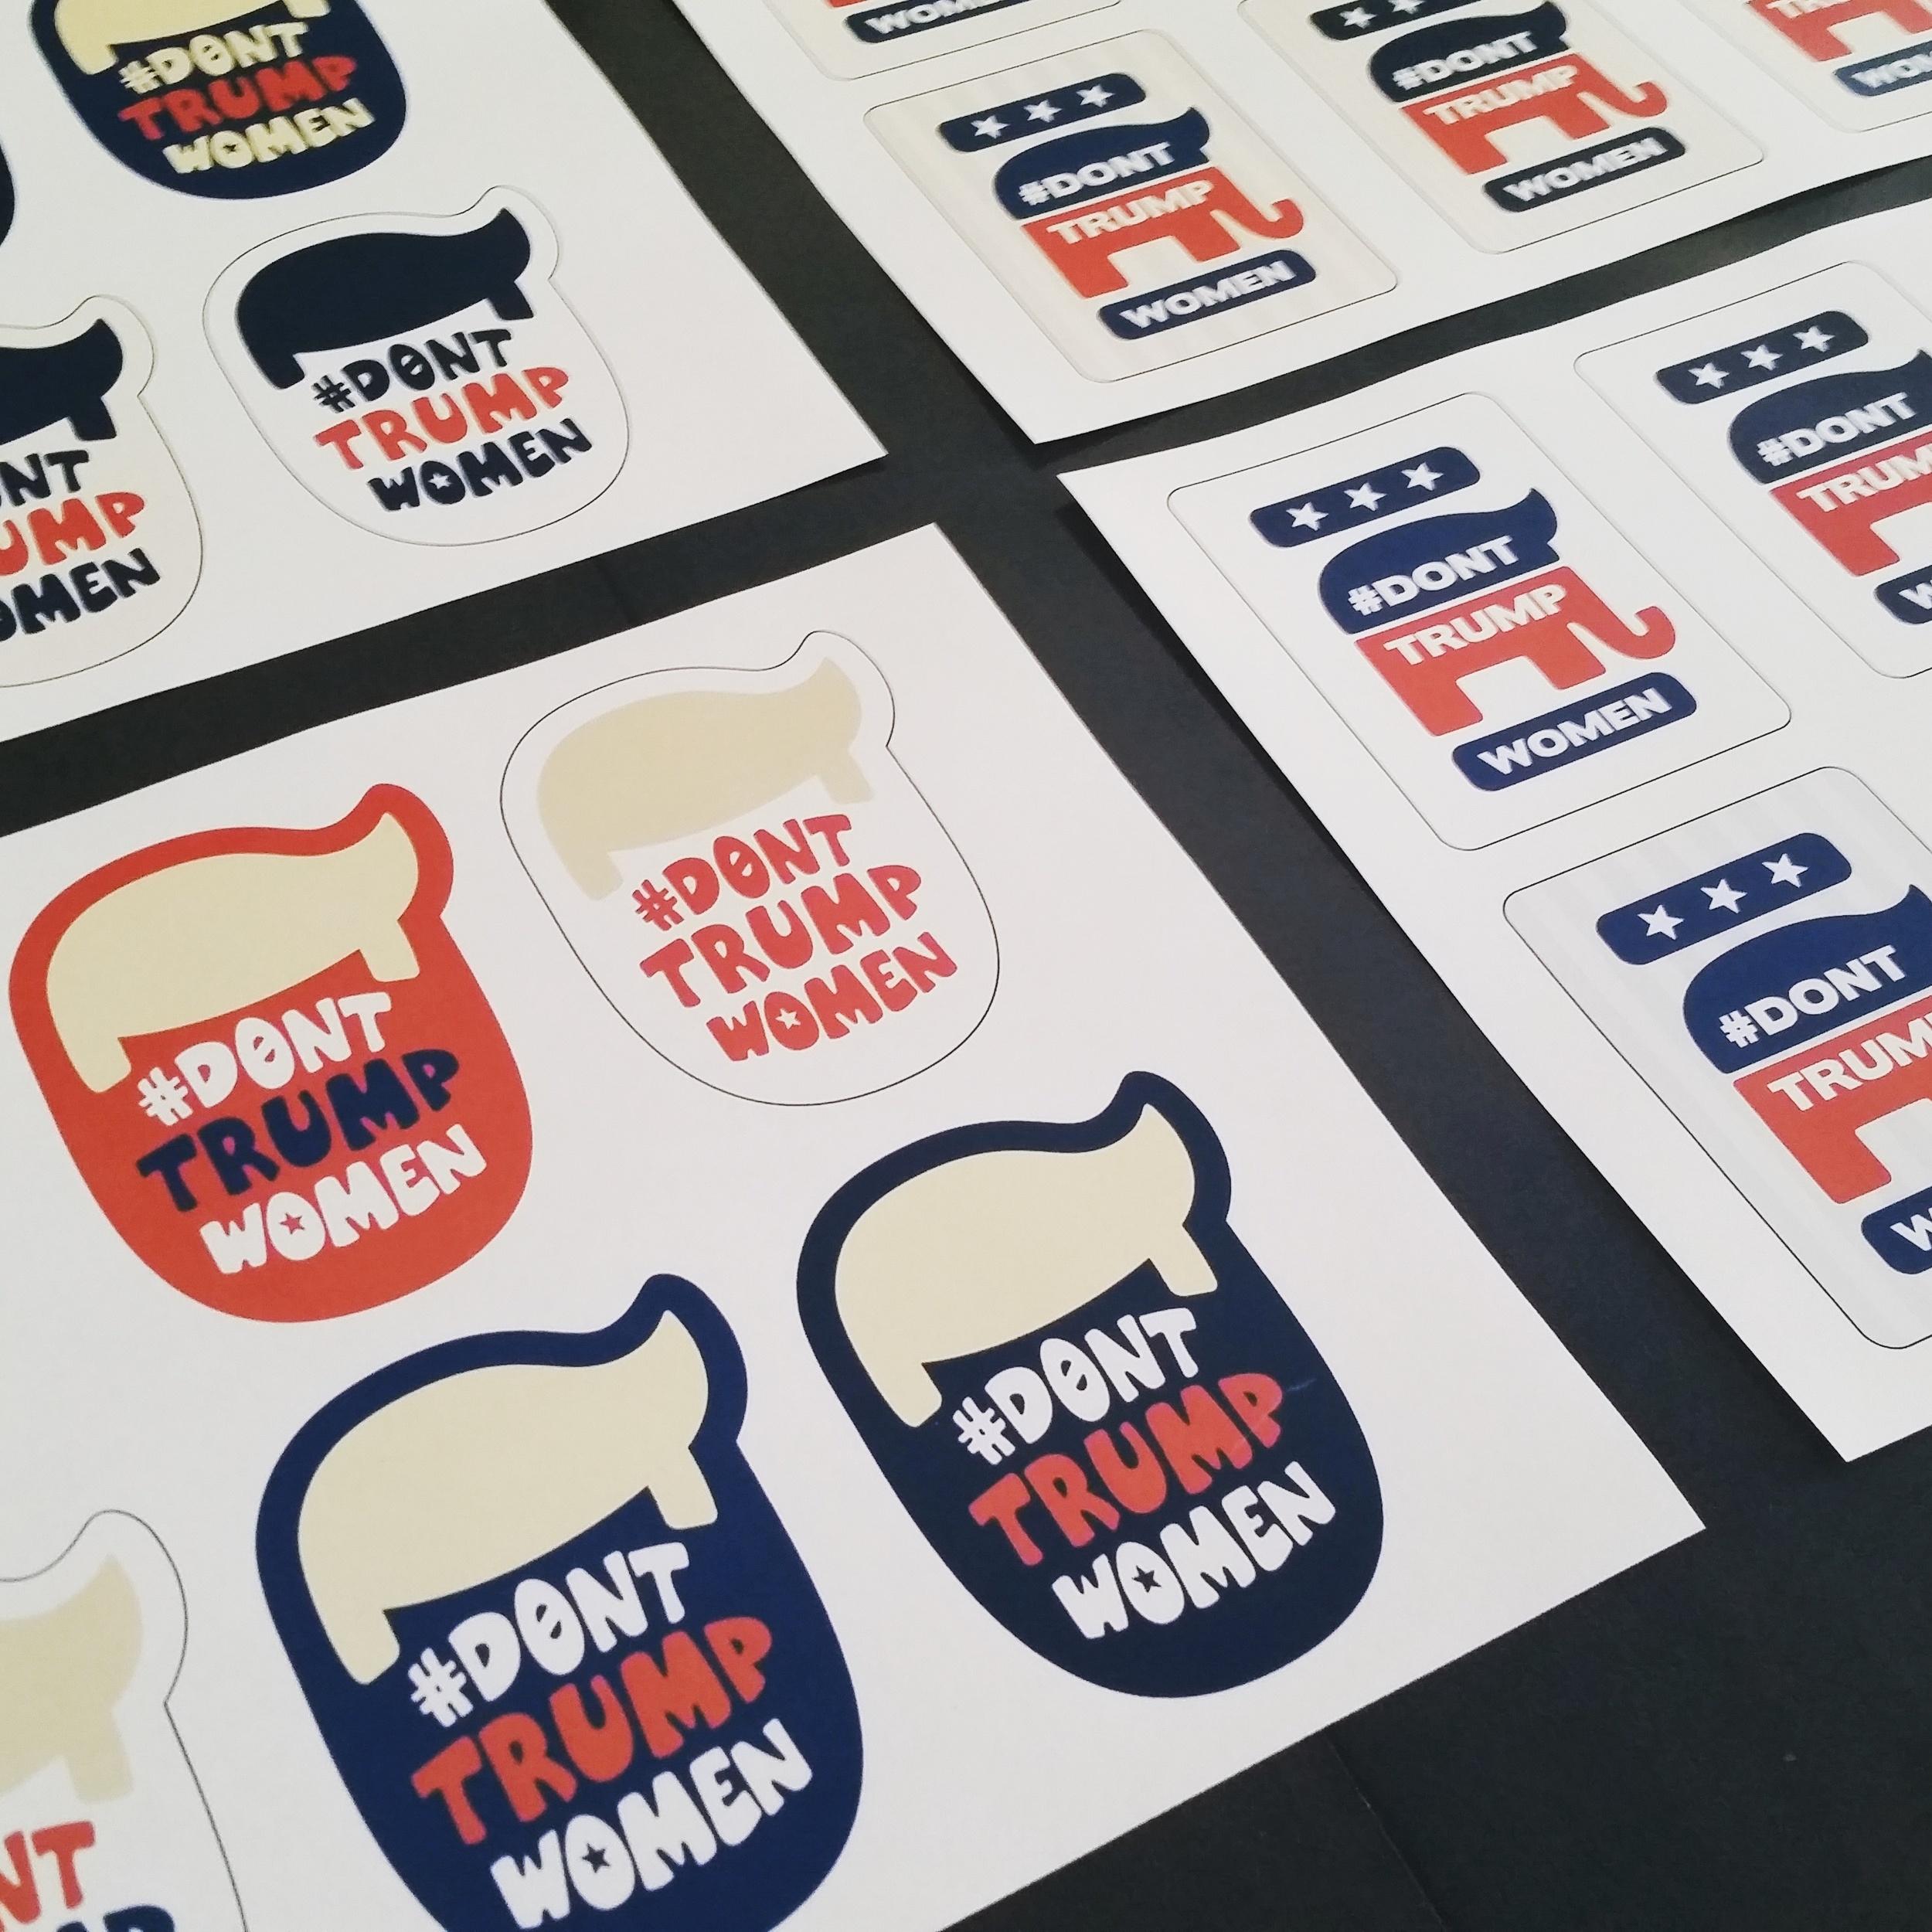 #DontTrumpWomen sticker designs. ©2016 TheFemmeProject.